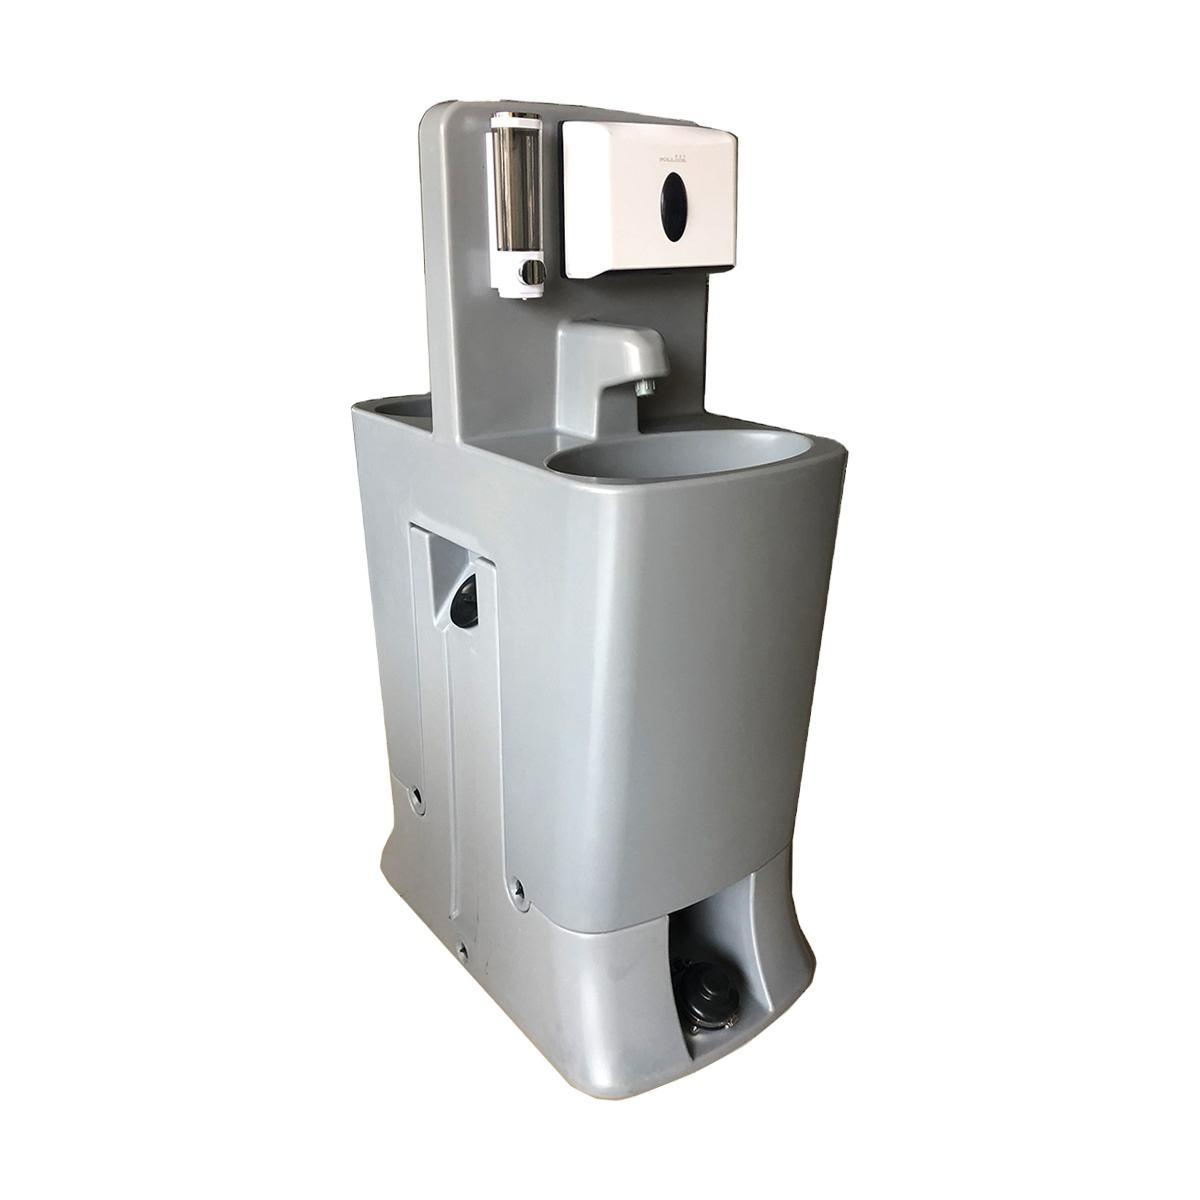 Al aire libre de plástico de HDPE móvil lavado a mano estación portátil lavabo fregadero con tanque